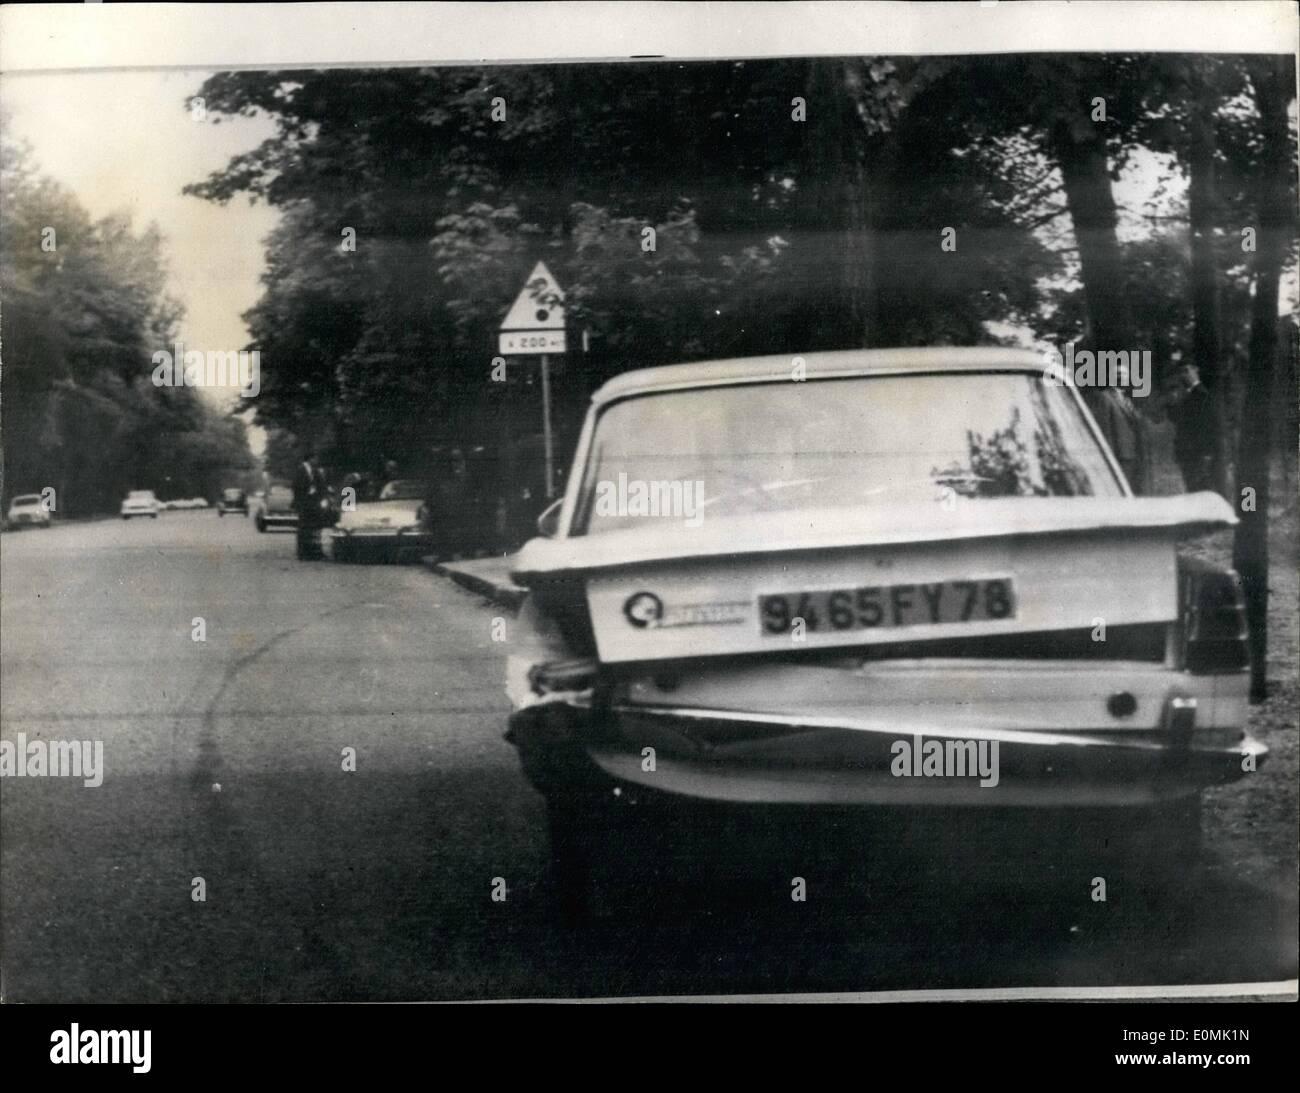 juillet 07 1955 playboy millionnaire porfirio rubirosa tu dans un accident de voiture le. Black Bedroom Furniture Sets. Home Design Ideas